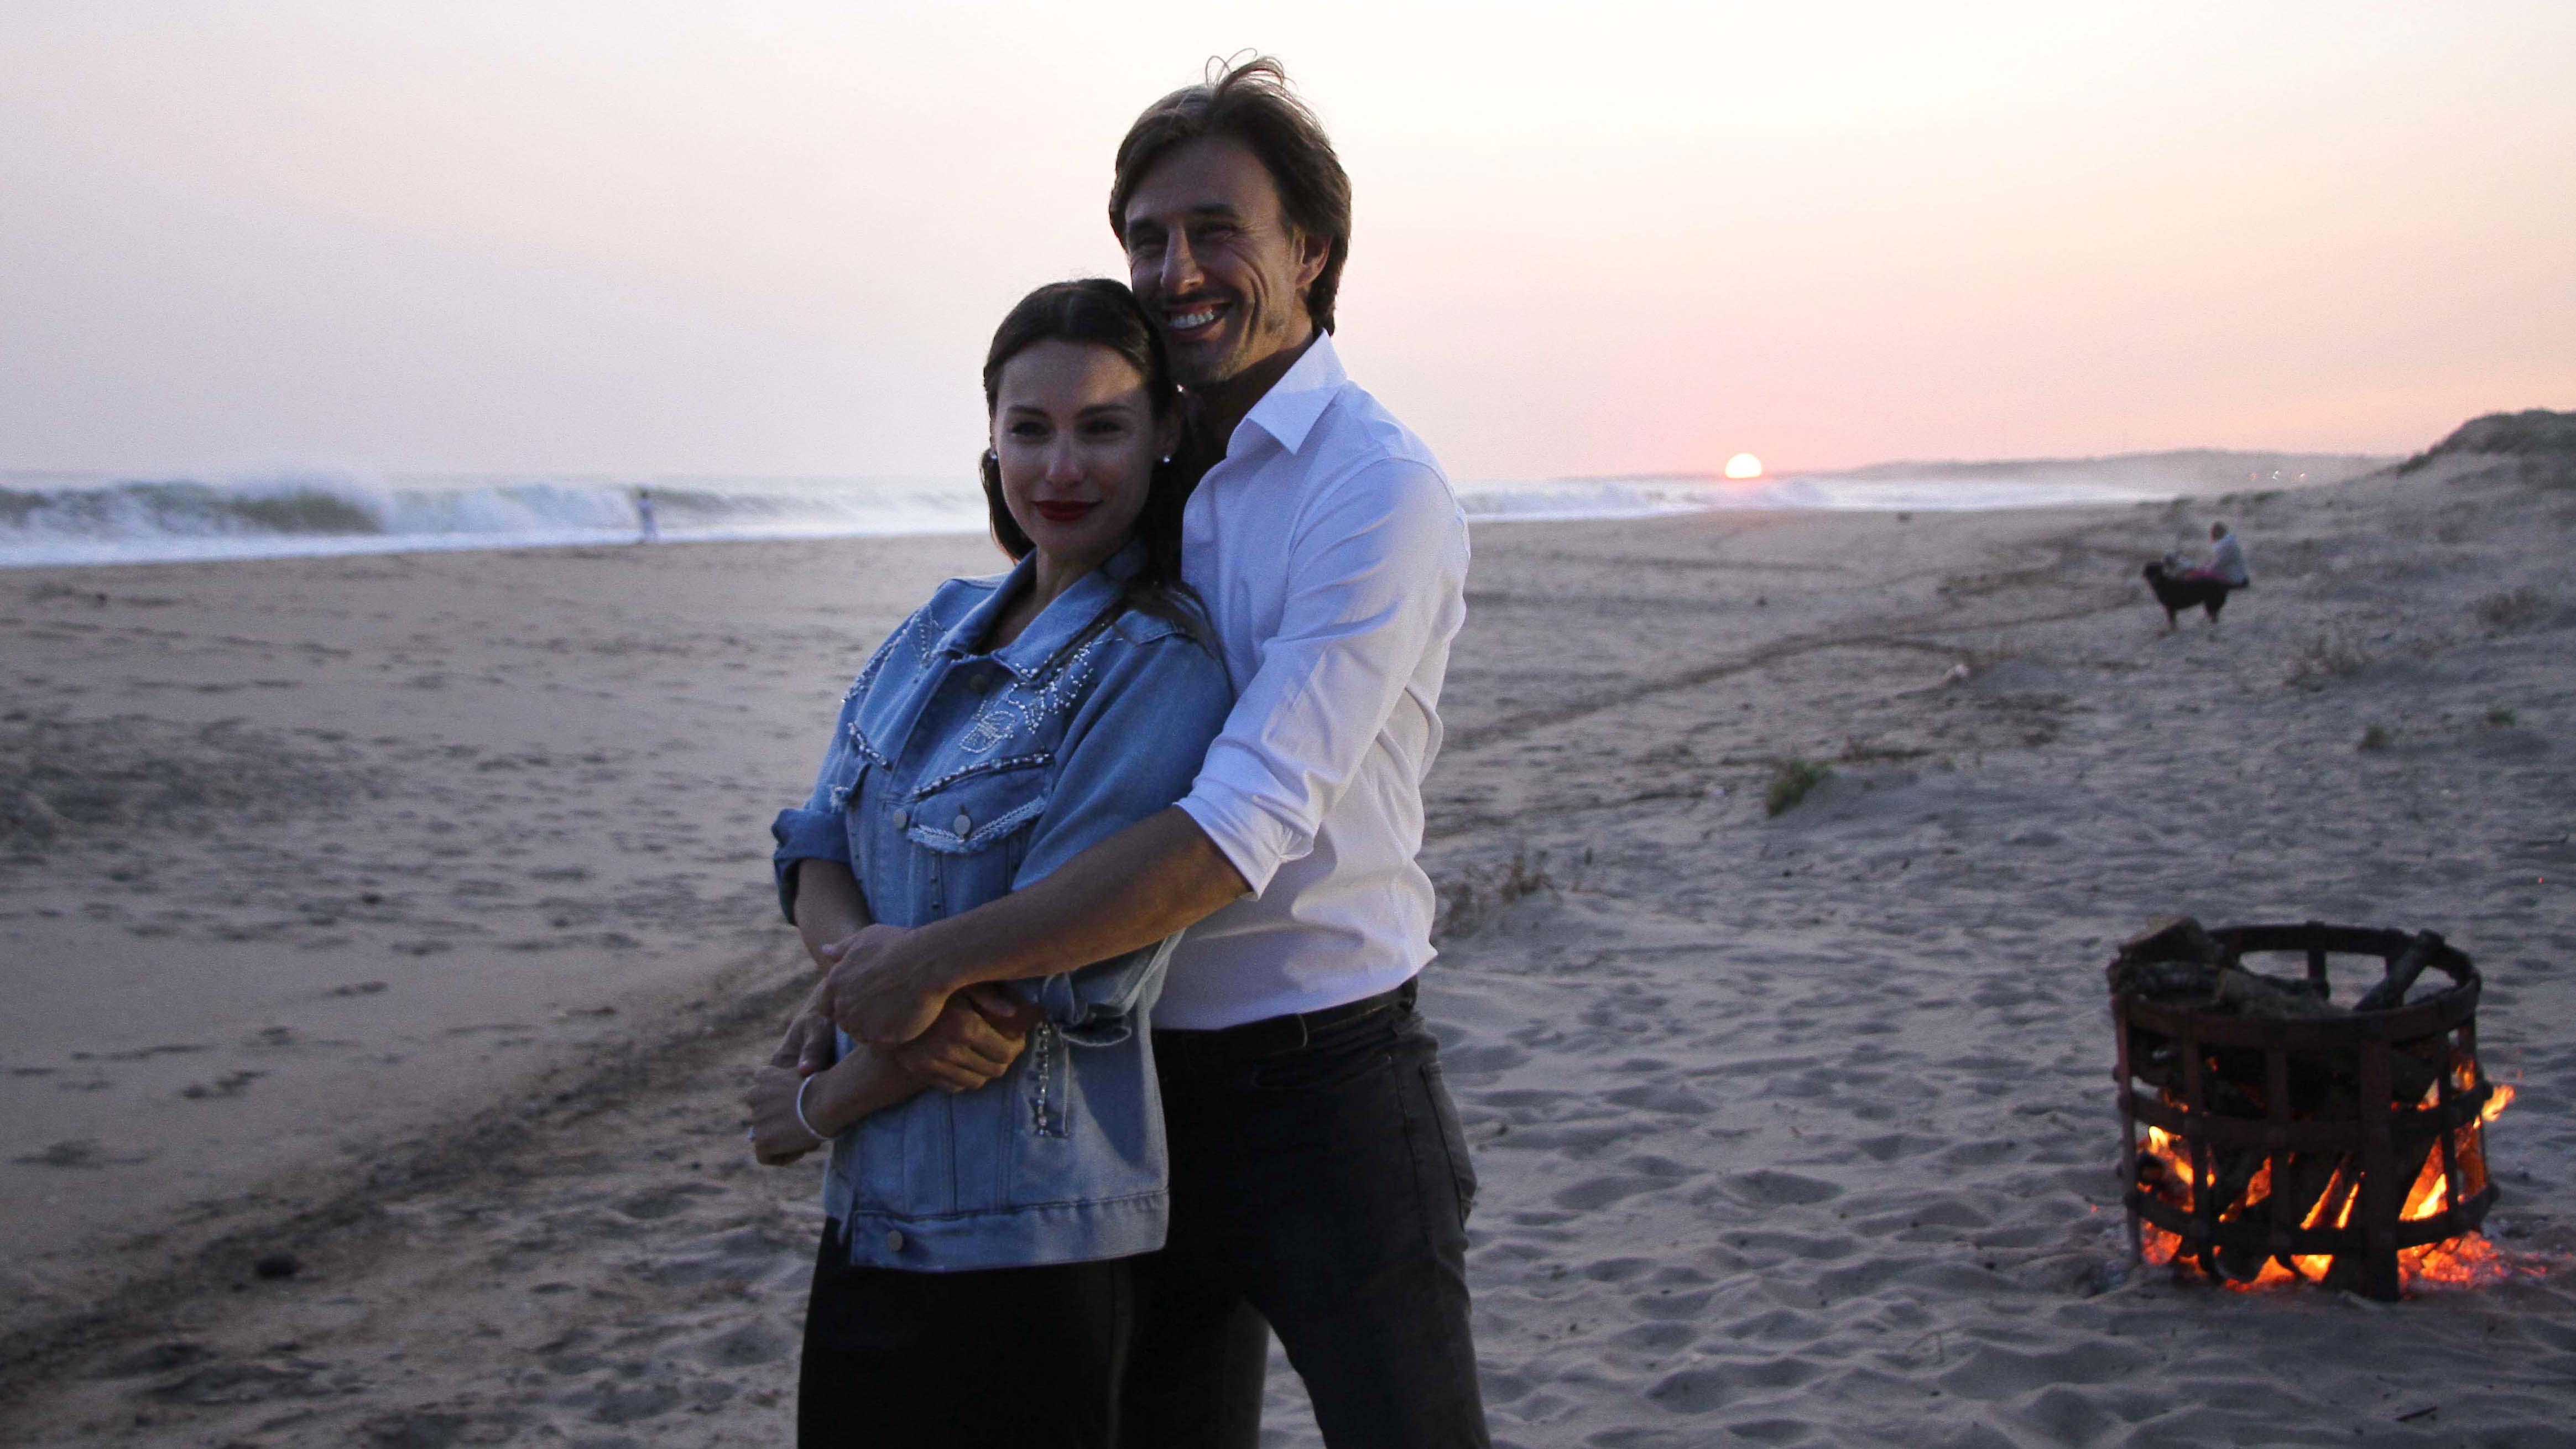 Todo comenzó con la puesta del sol, en una maravillosa postal que ofrece José Ignacio